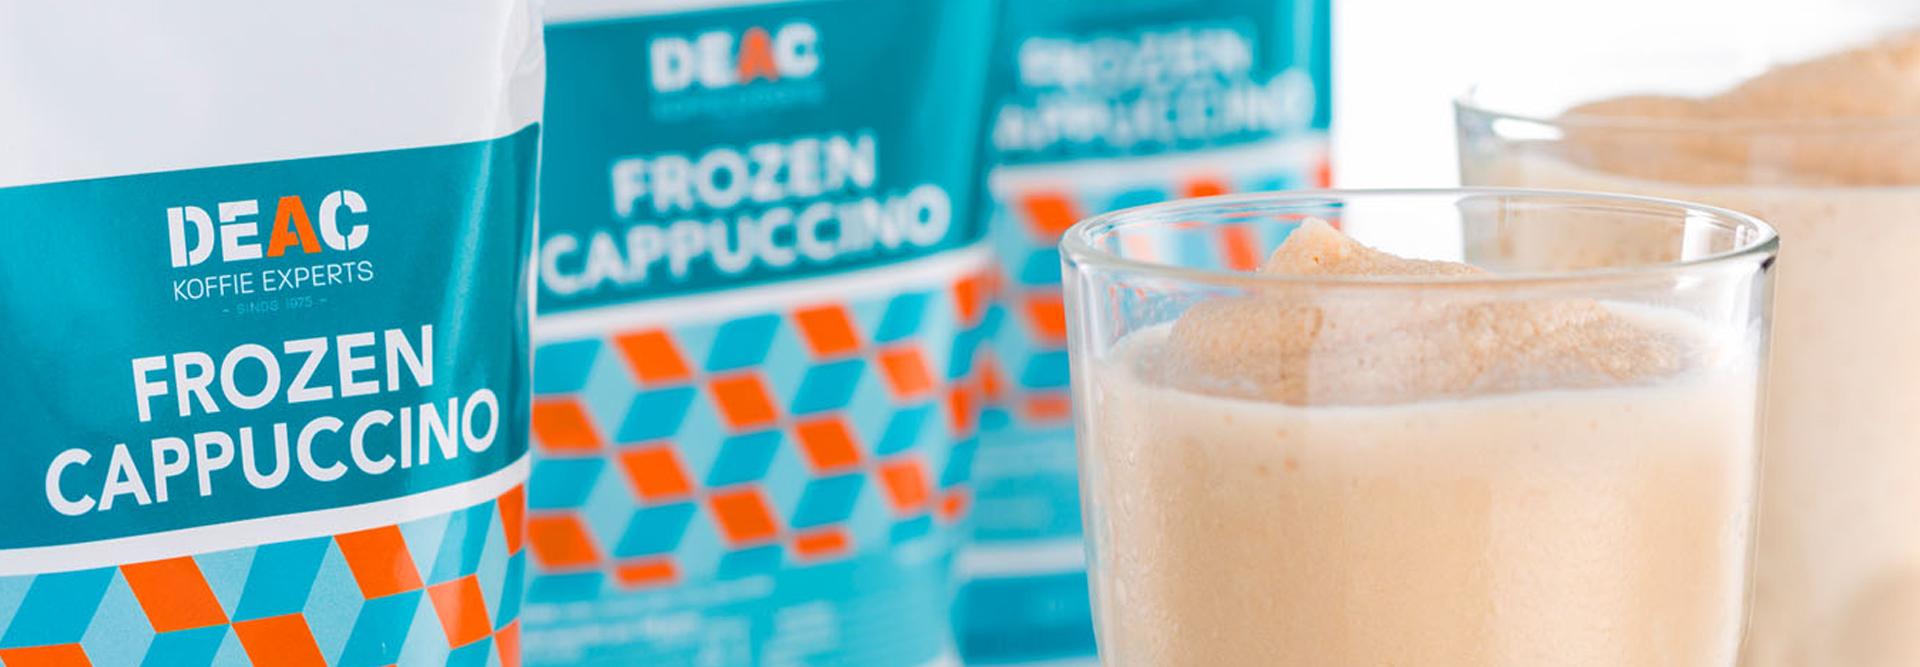 Header Frozen cappuccino.jpg